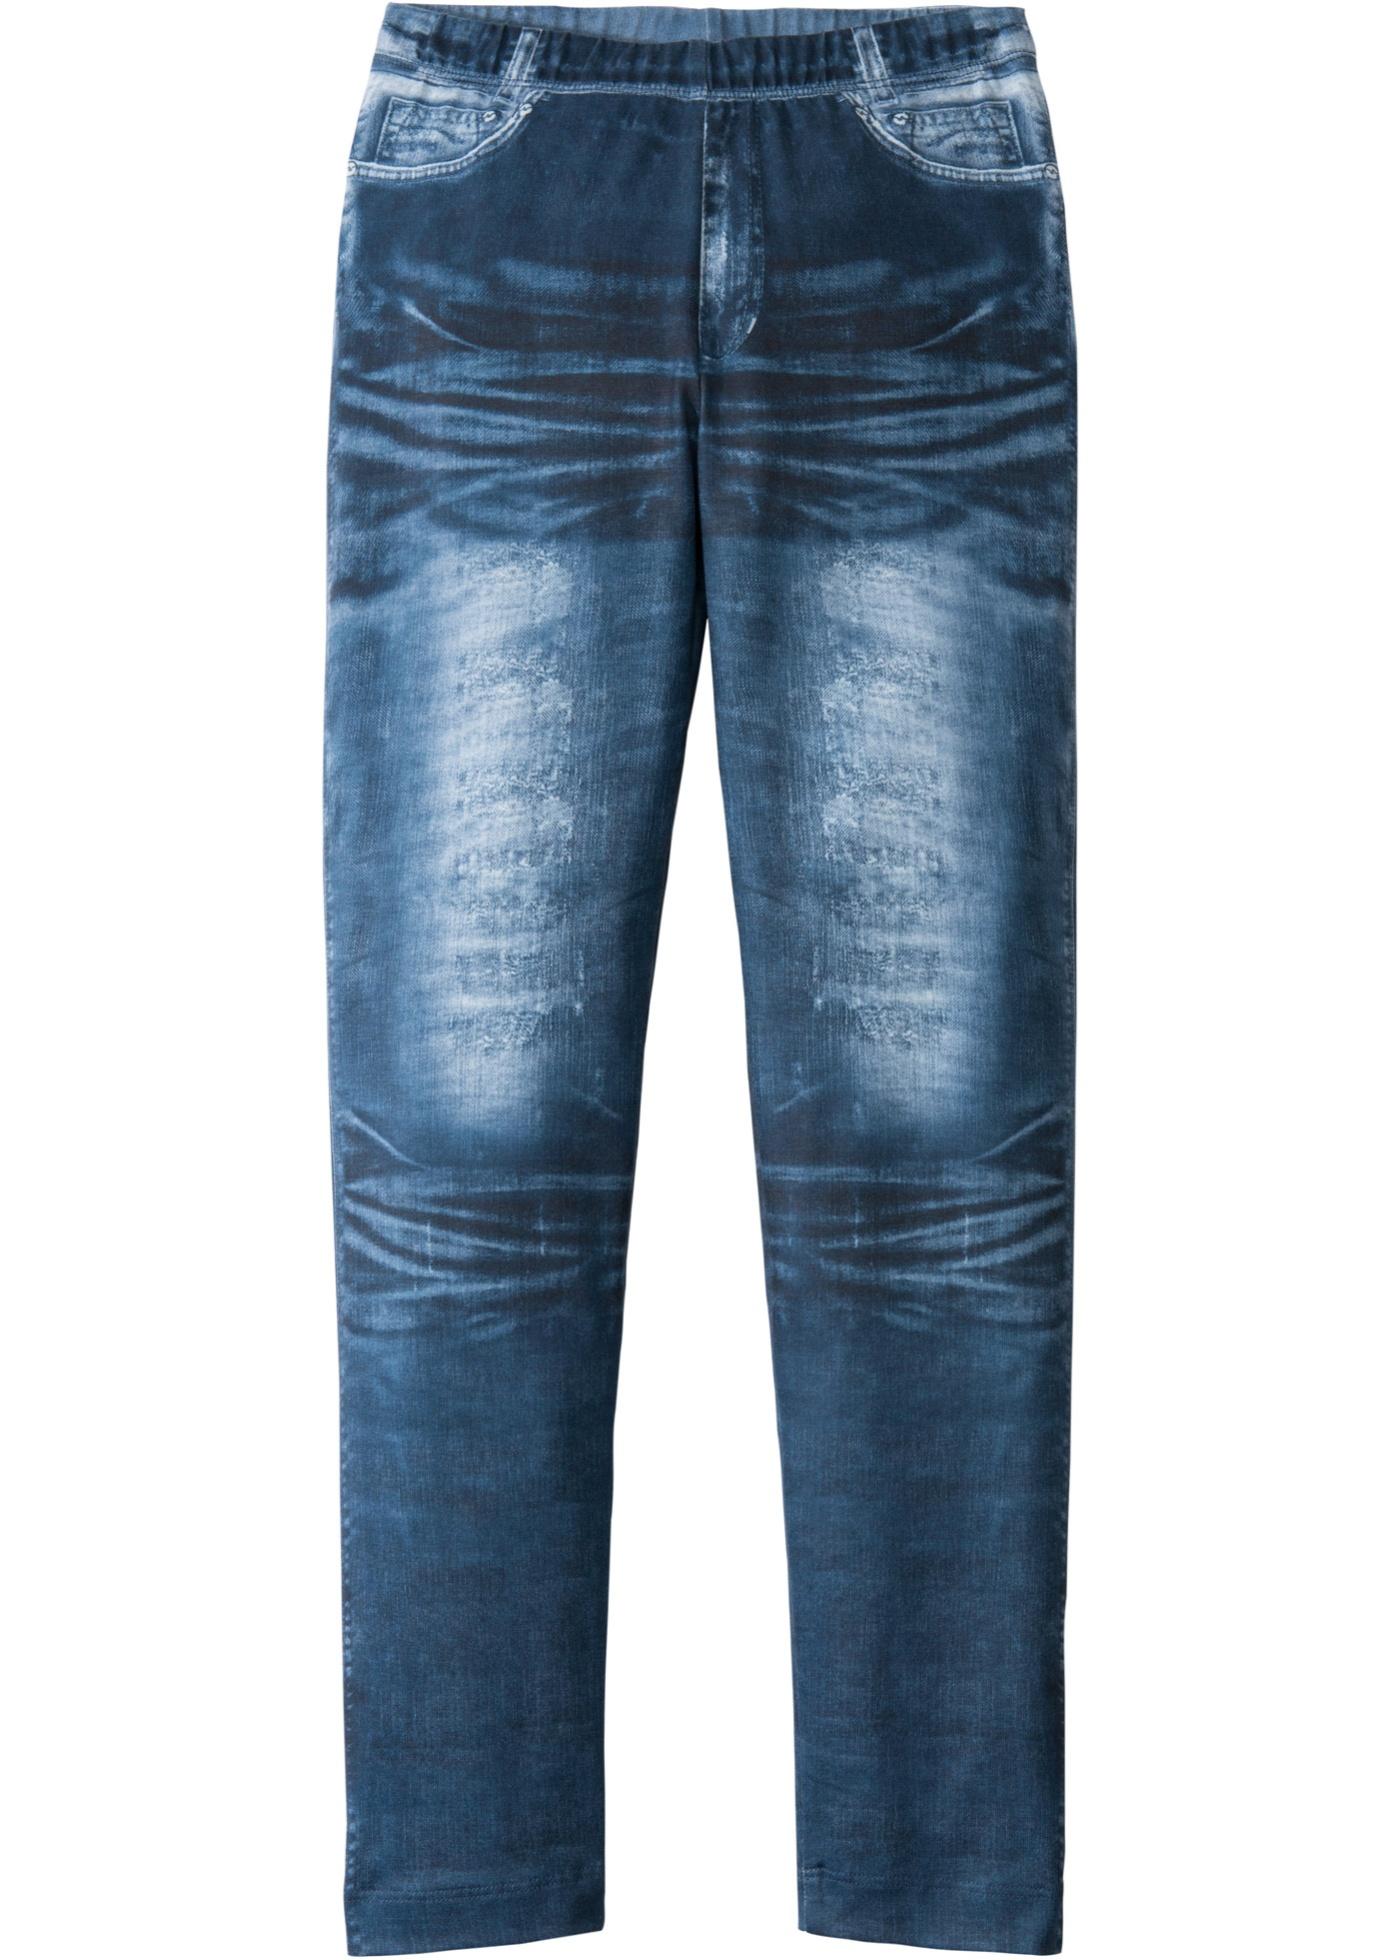 Legging imprimé jean